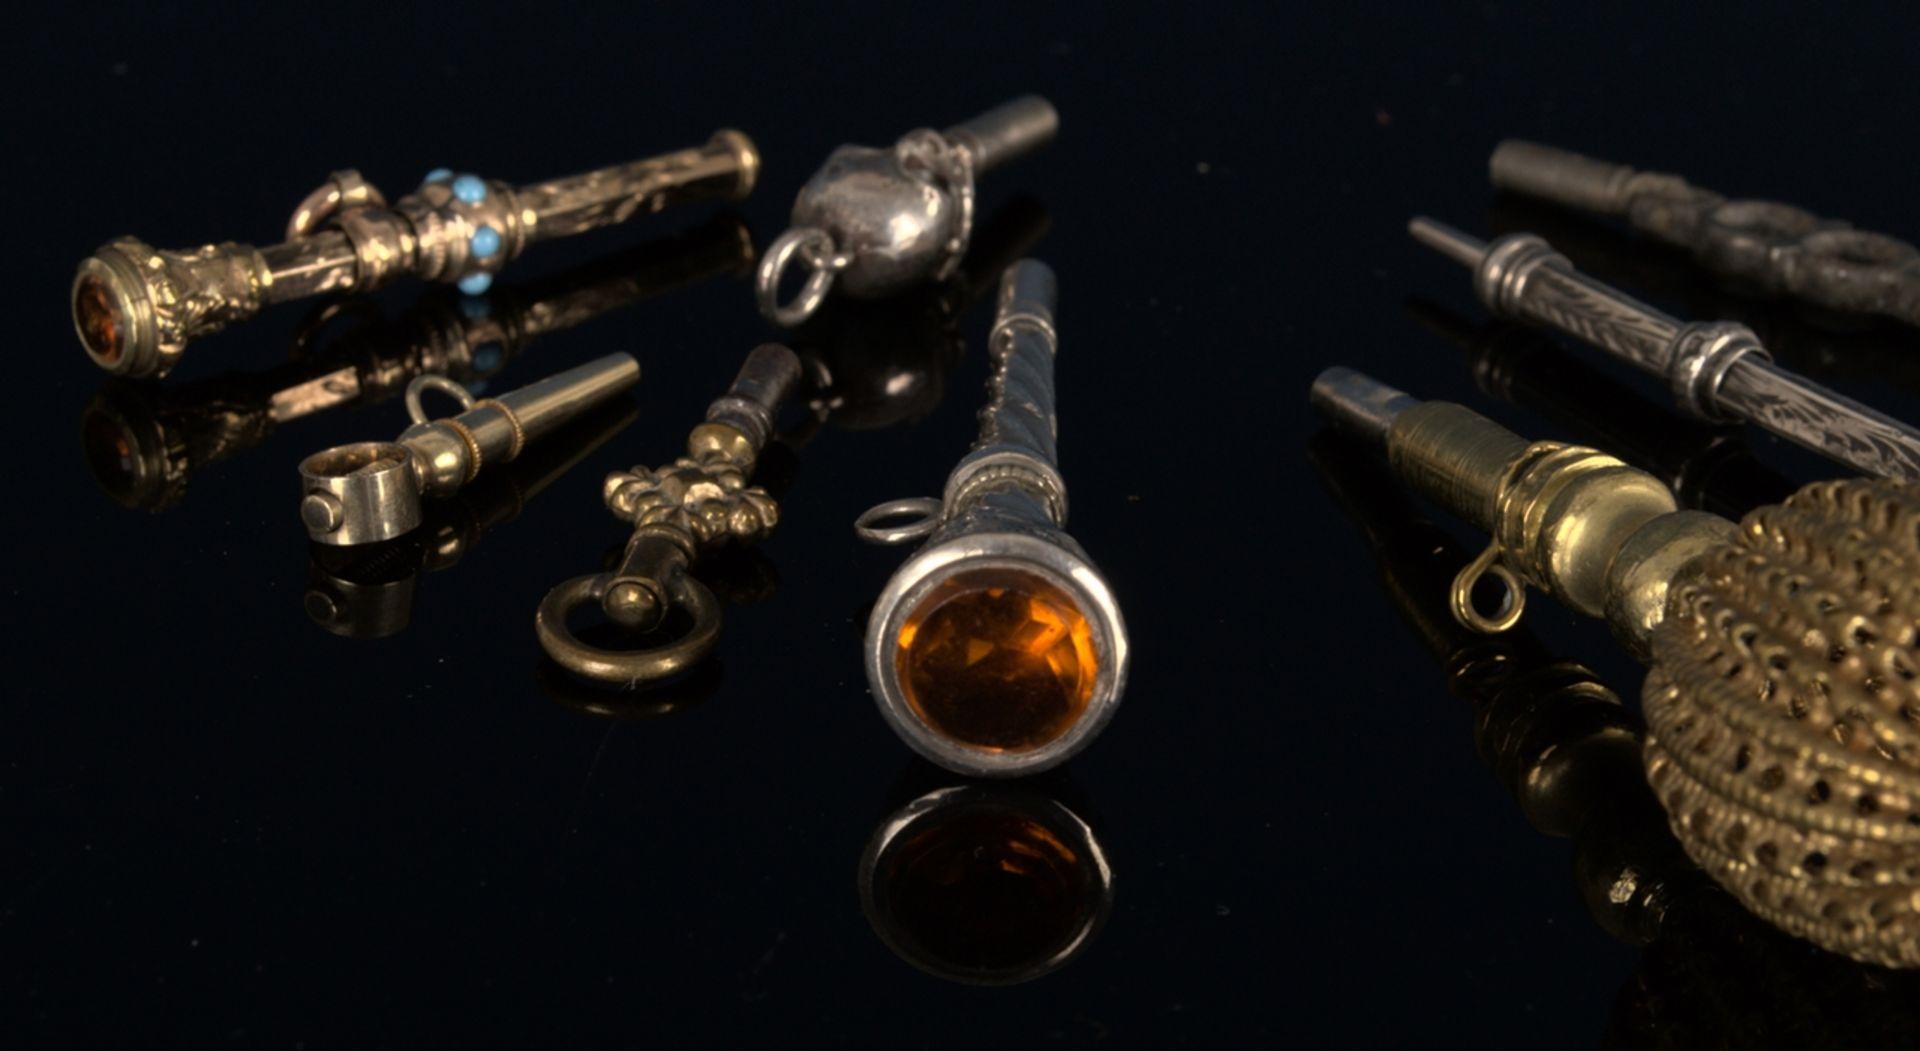 8teilige Sammlung versch. Taschenuhrenschlüssel, überwiegend 19. Jhd. Versch. Alter, Größen, - Bild 3 aus 24